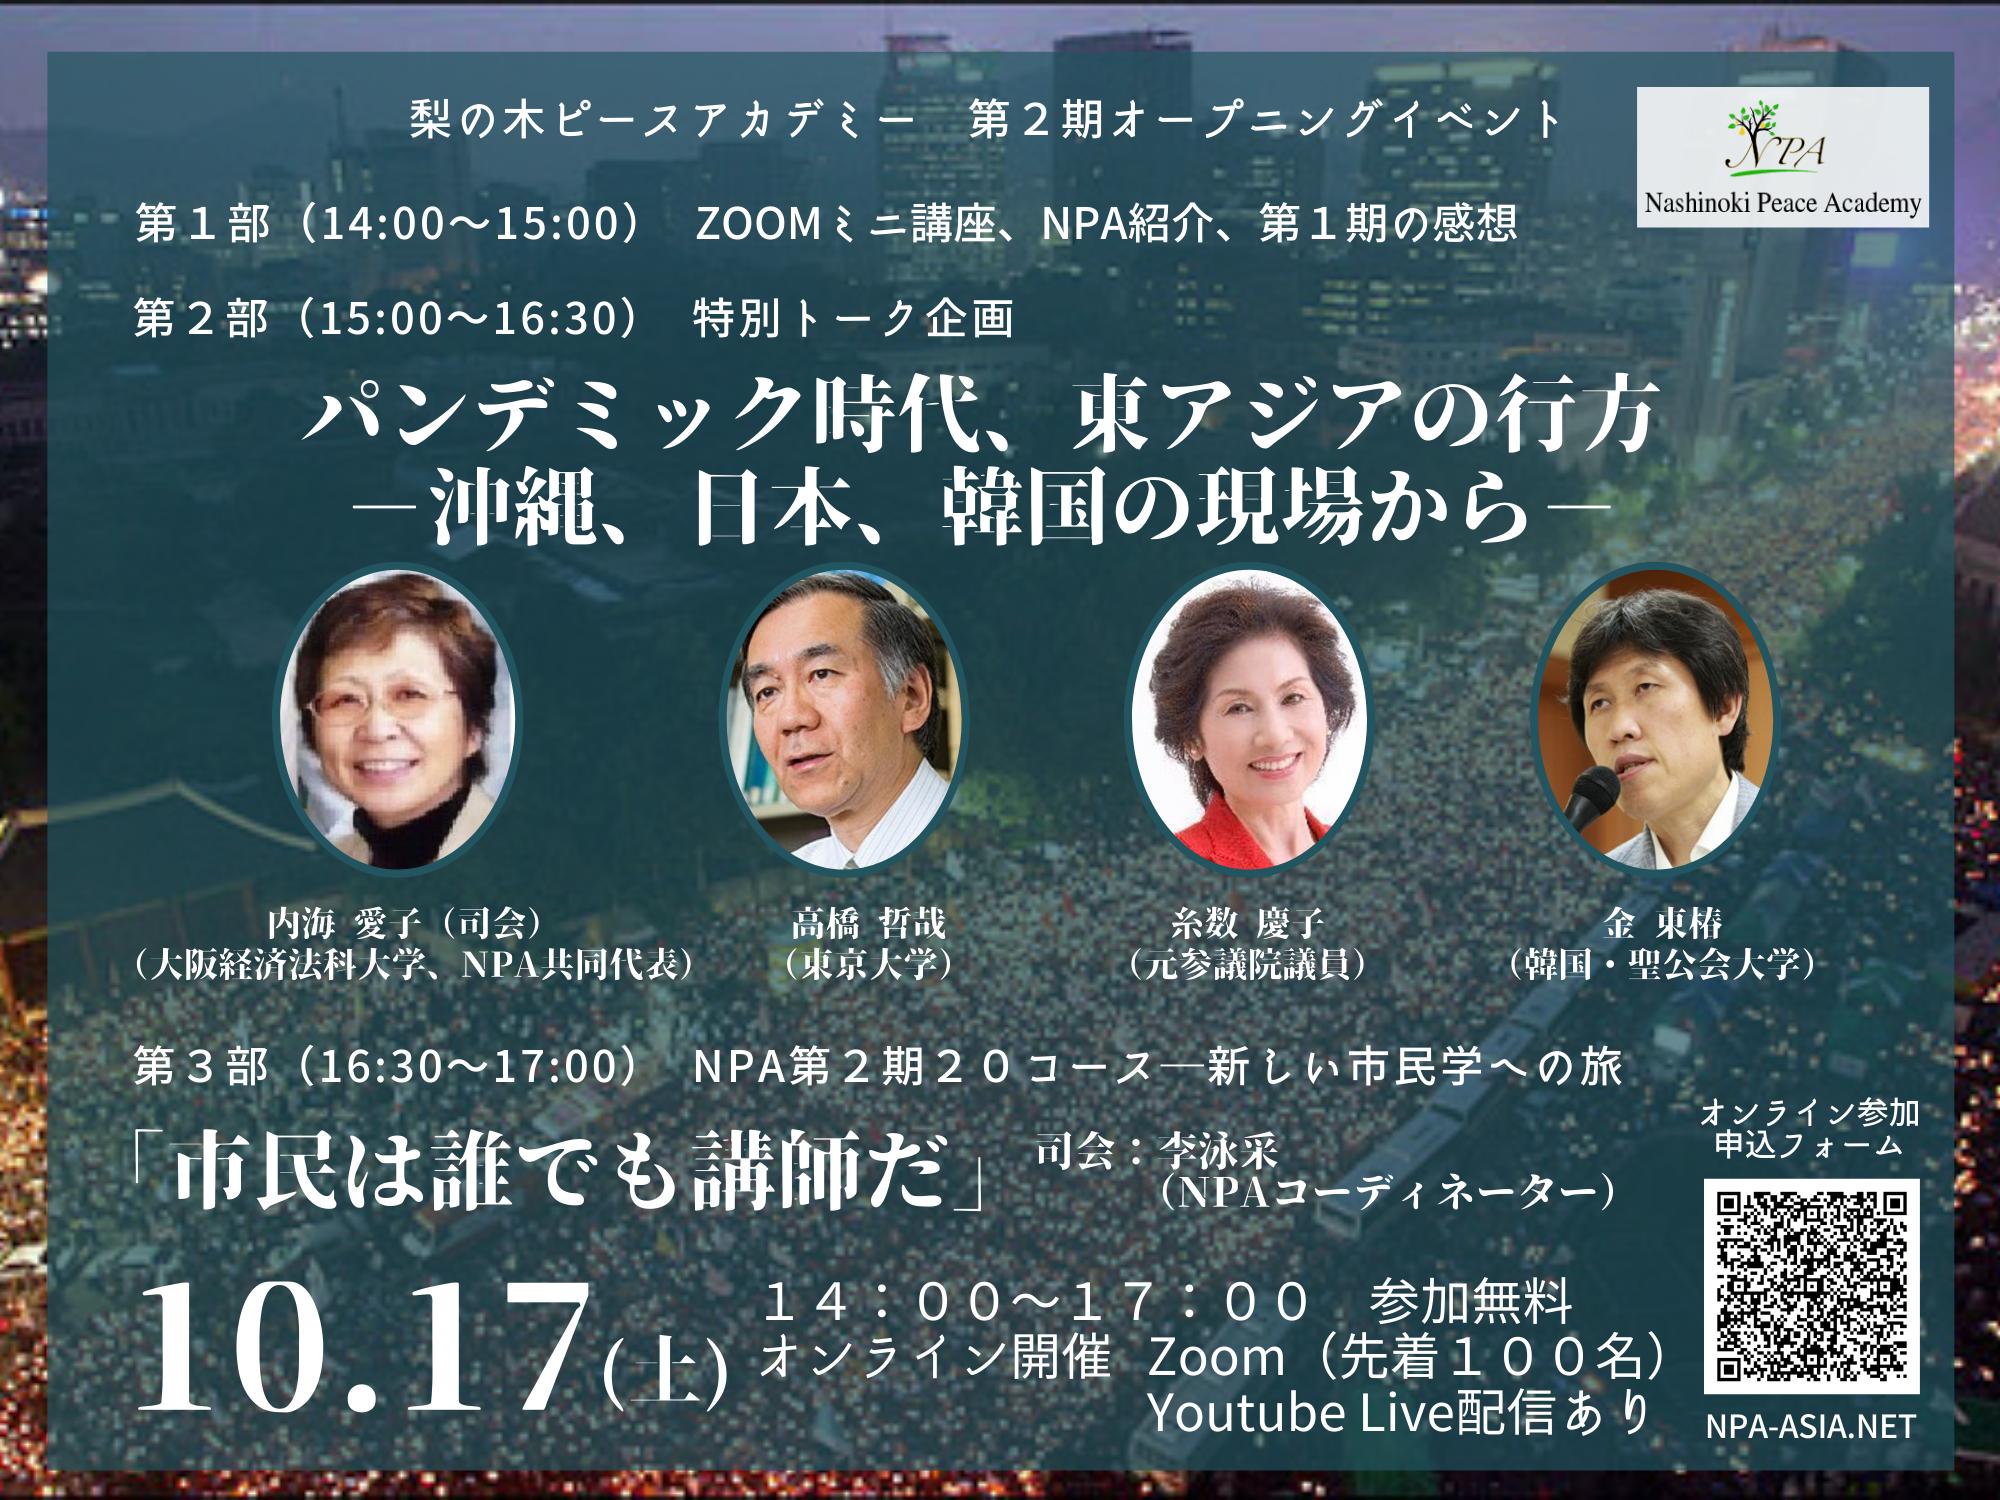 【開催報告】NPA第2期オープン企画「パンデミック時代、東アジアの行方 沖縄、日本、韓国の現場から」